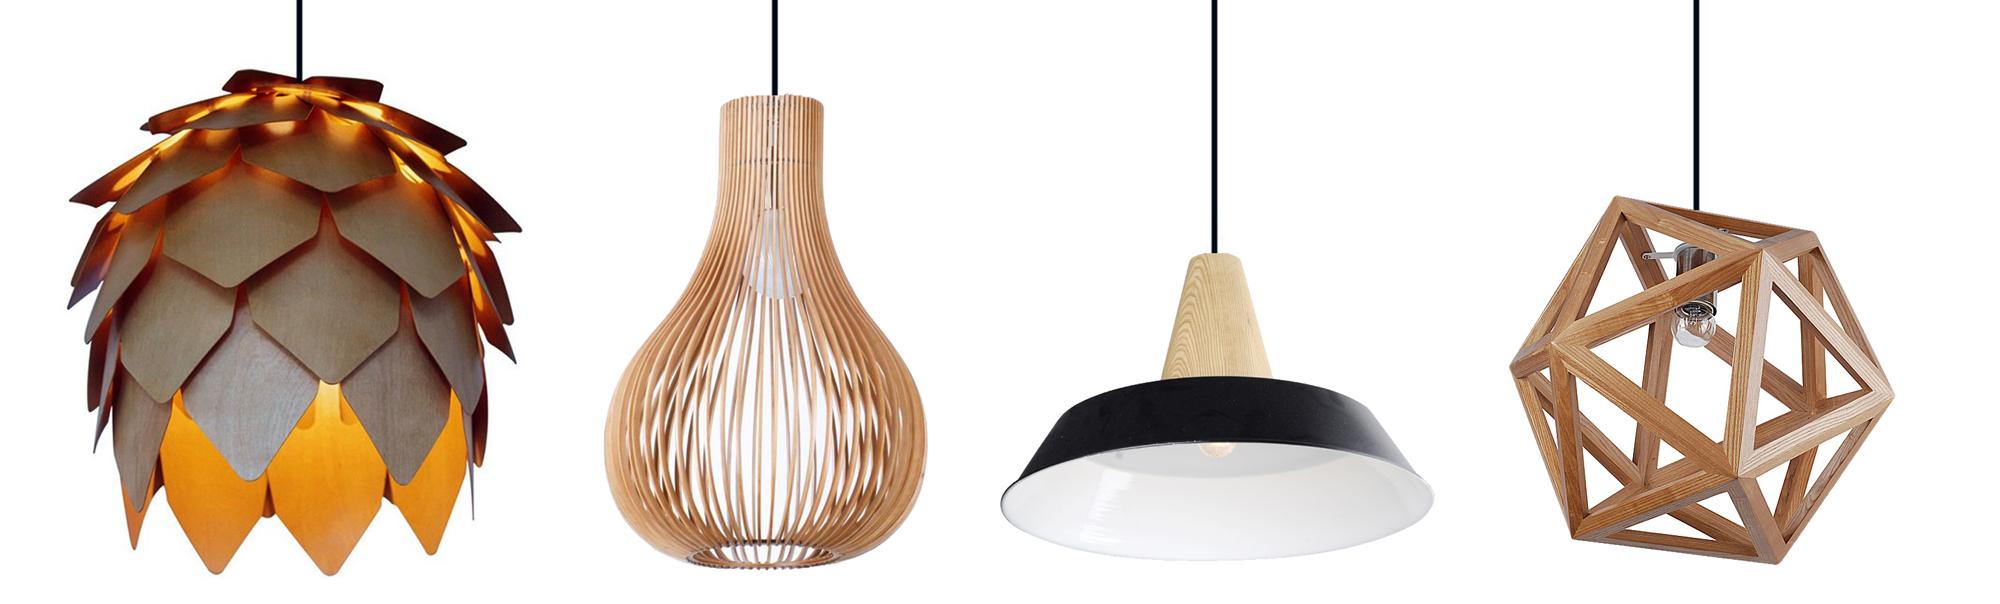 Coolwood verlichting kopen | DEBA Meubelen